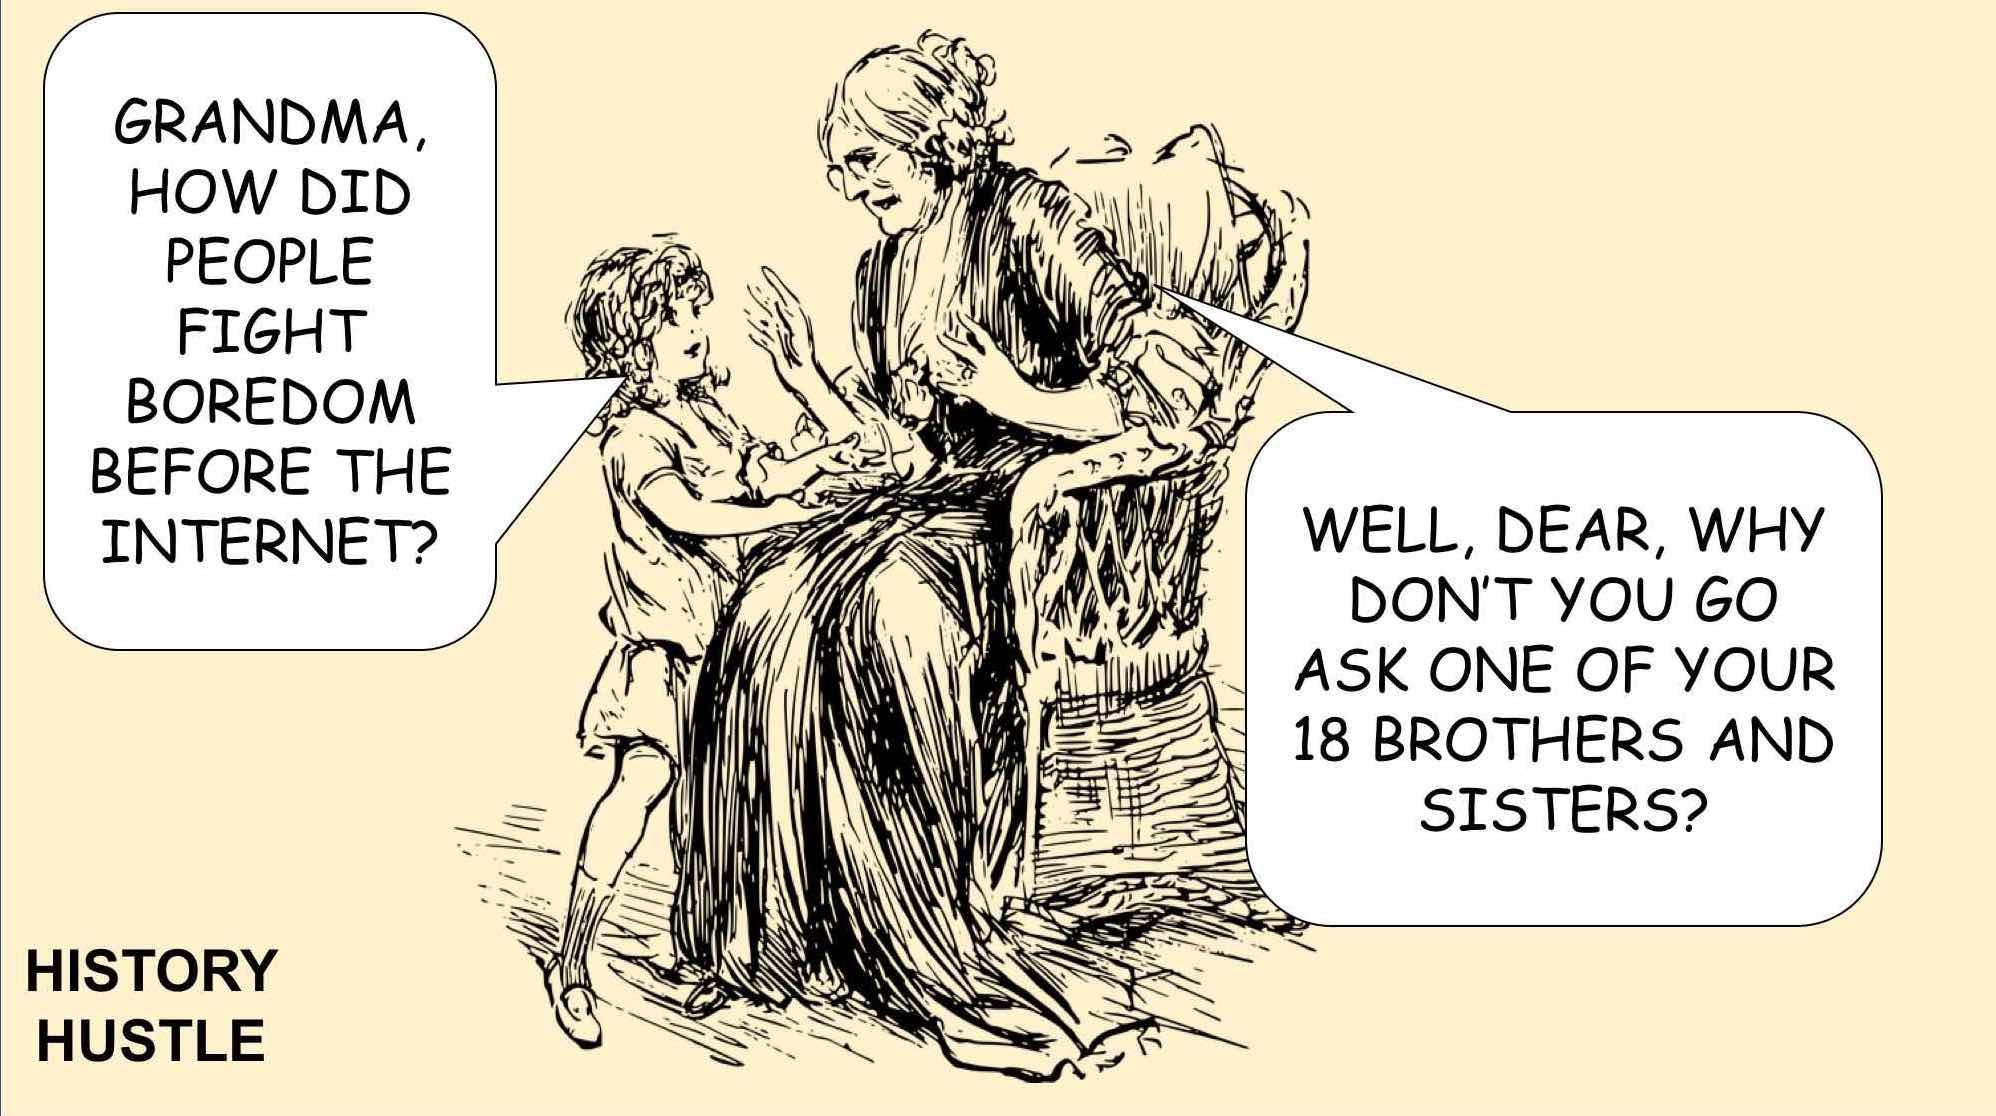 History Hustle boredom before the internet history meme image